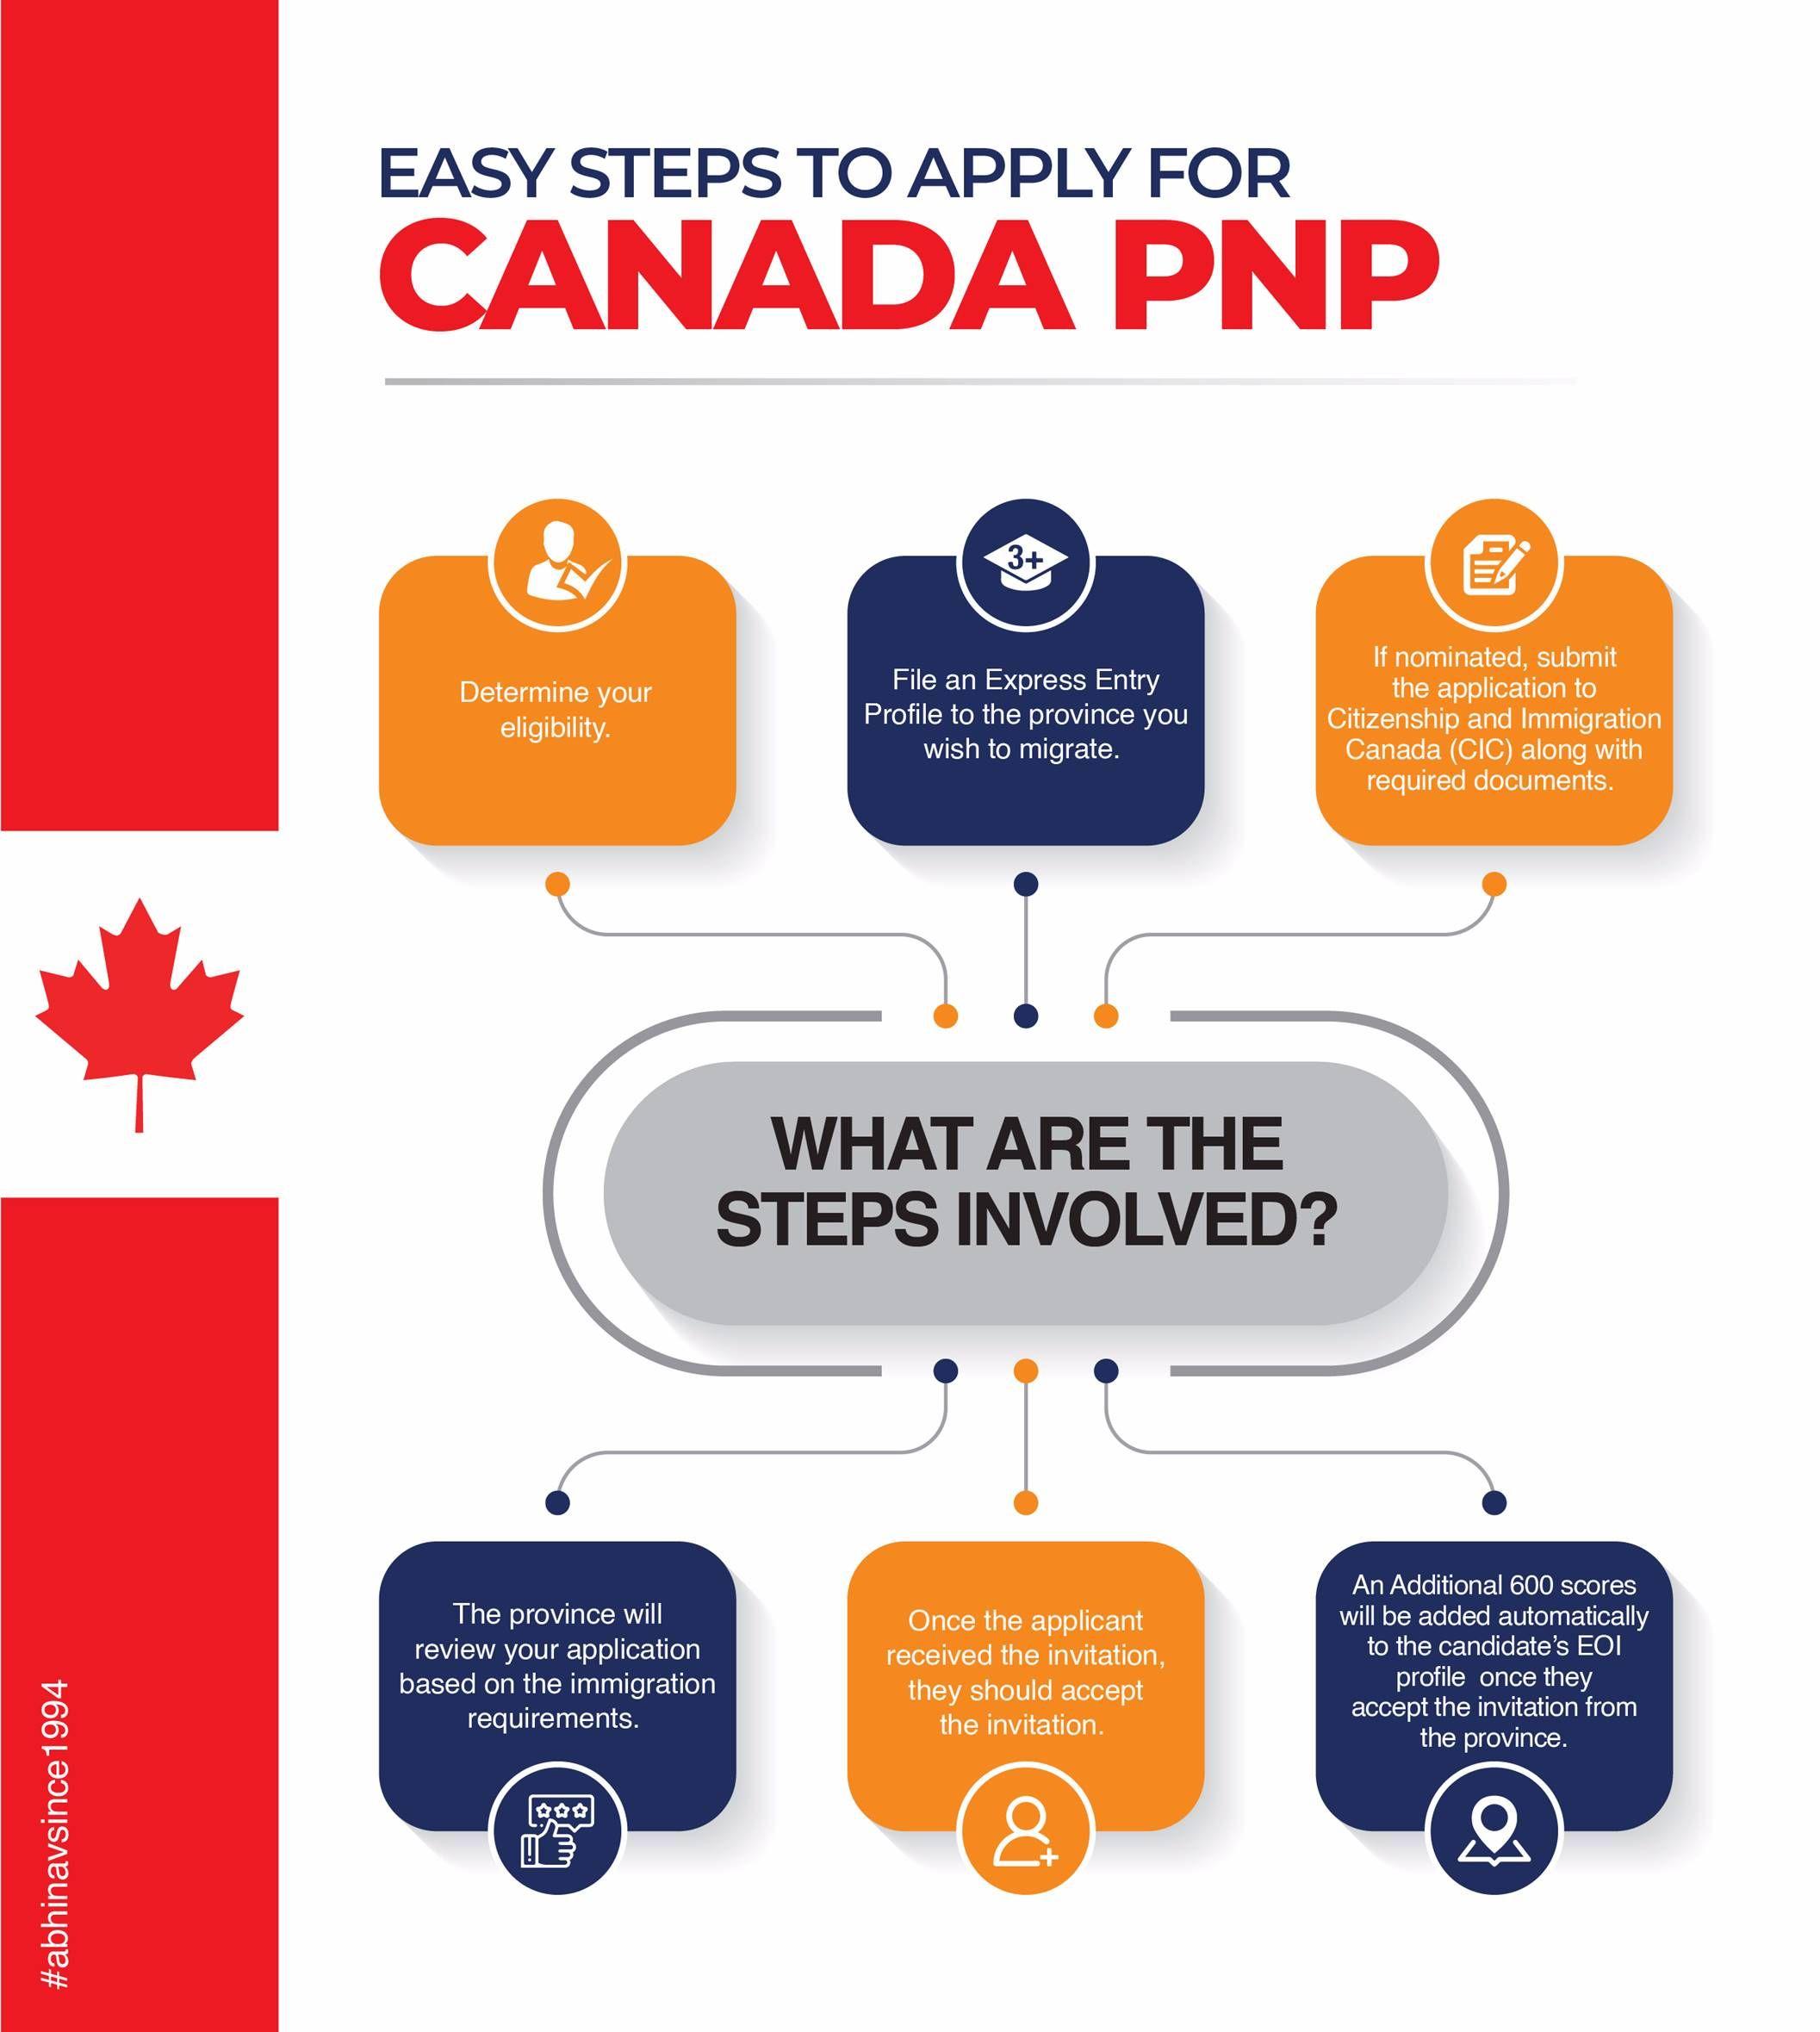 ca442fe5ee19aa0ca00c04c19d326ac5 - Canada Summer Jobs 2019 Applicant Guide